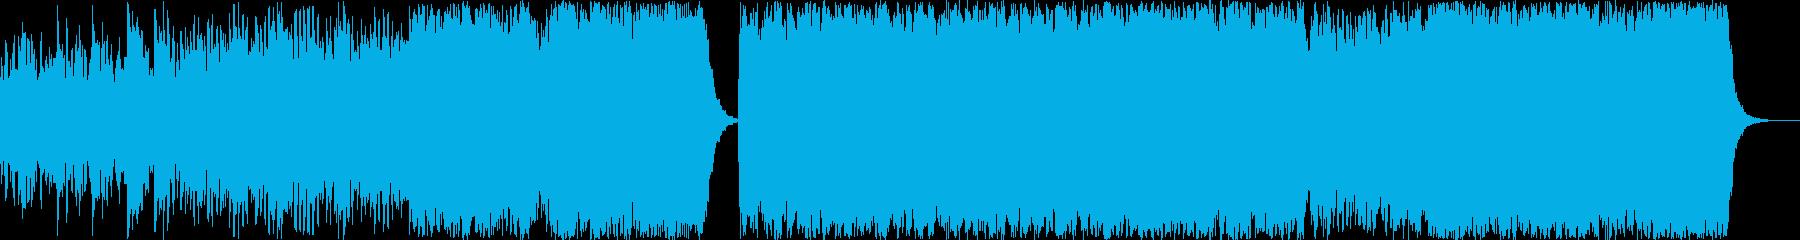 ピアノとライトオーケストラの刺激的...の再生済みの波形